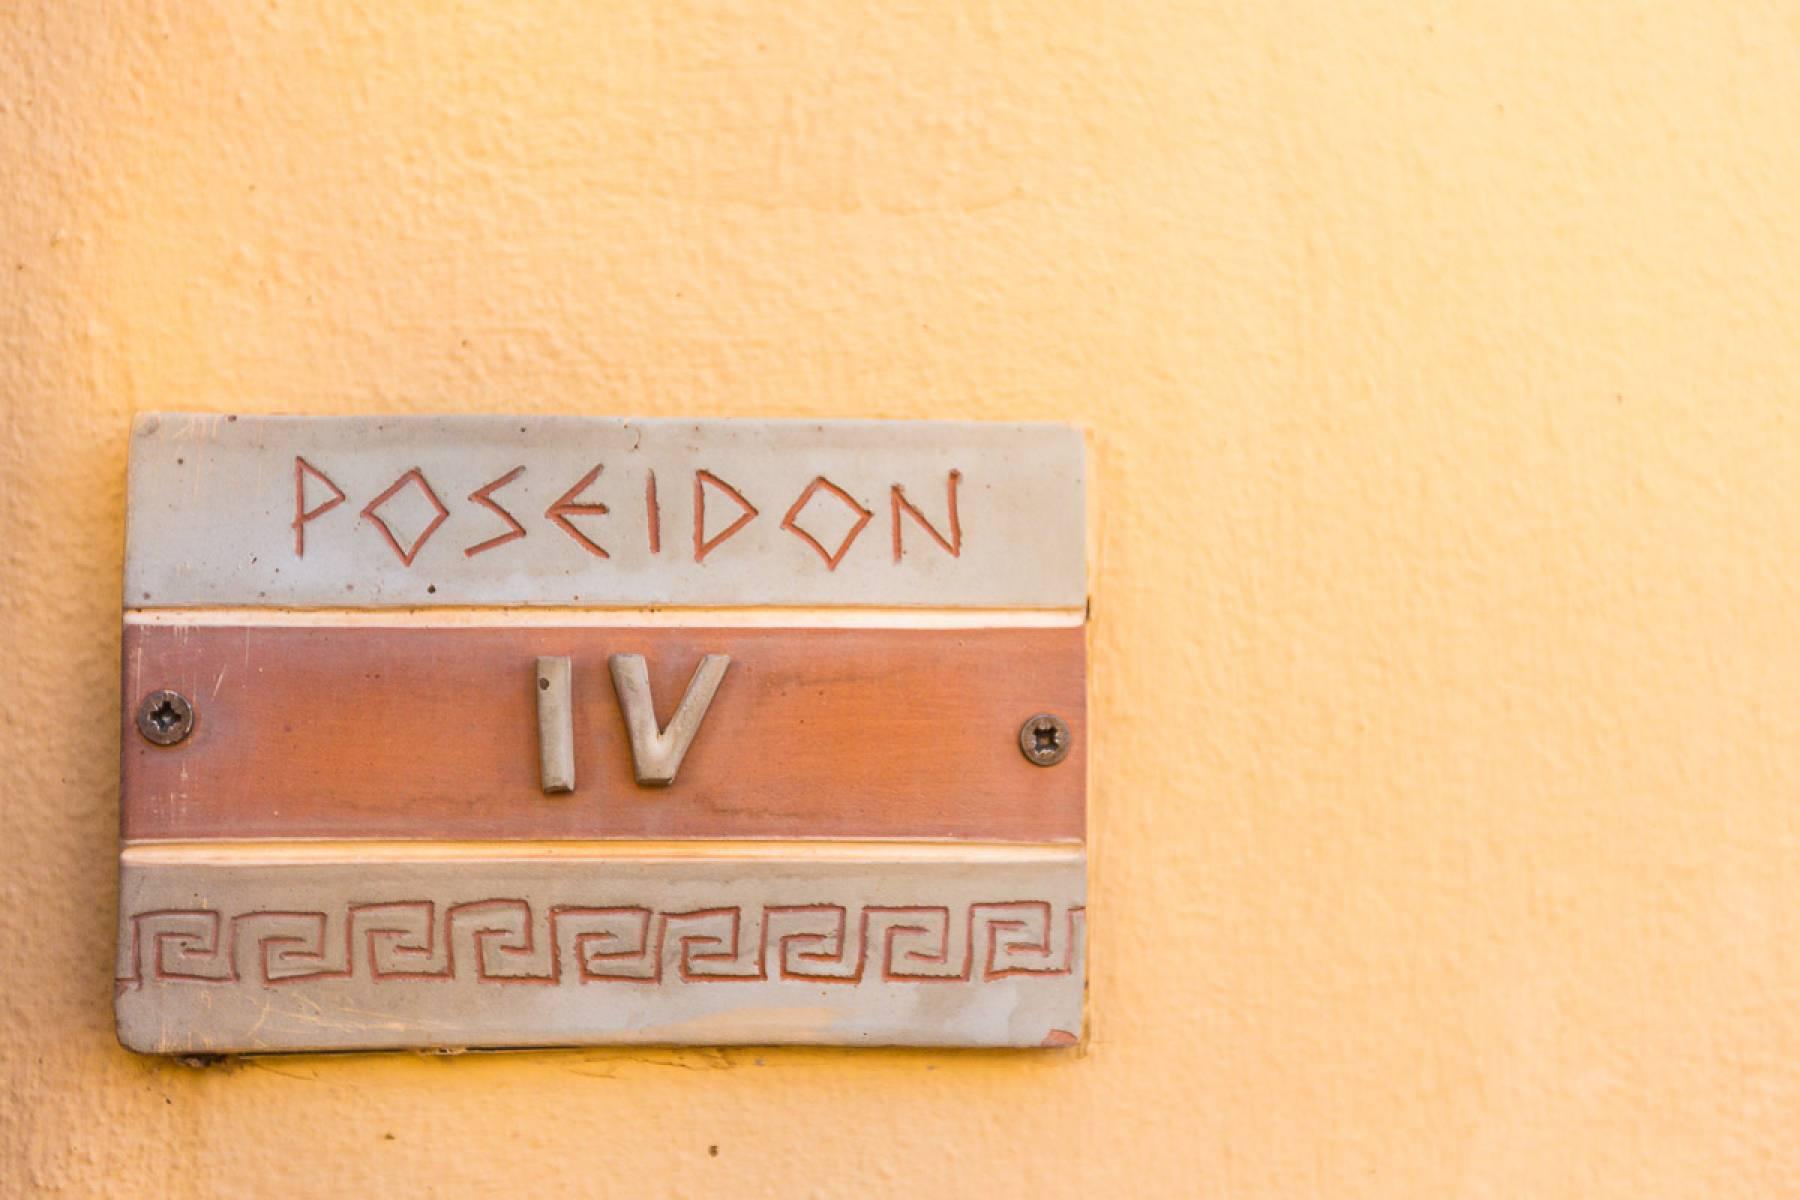 Pigi Paradise Poseidon IV